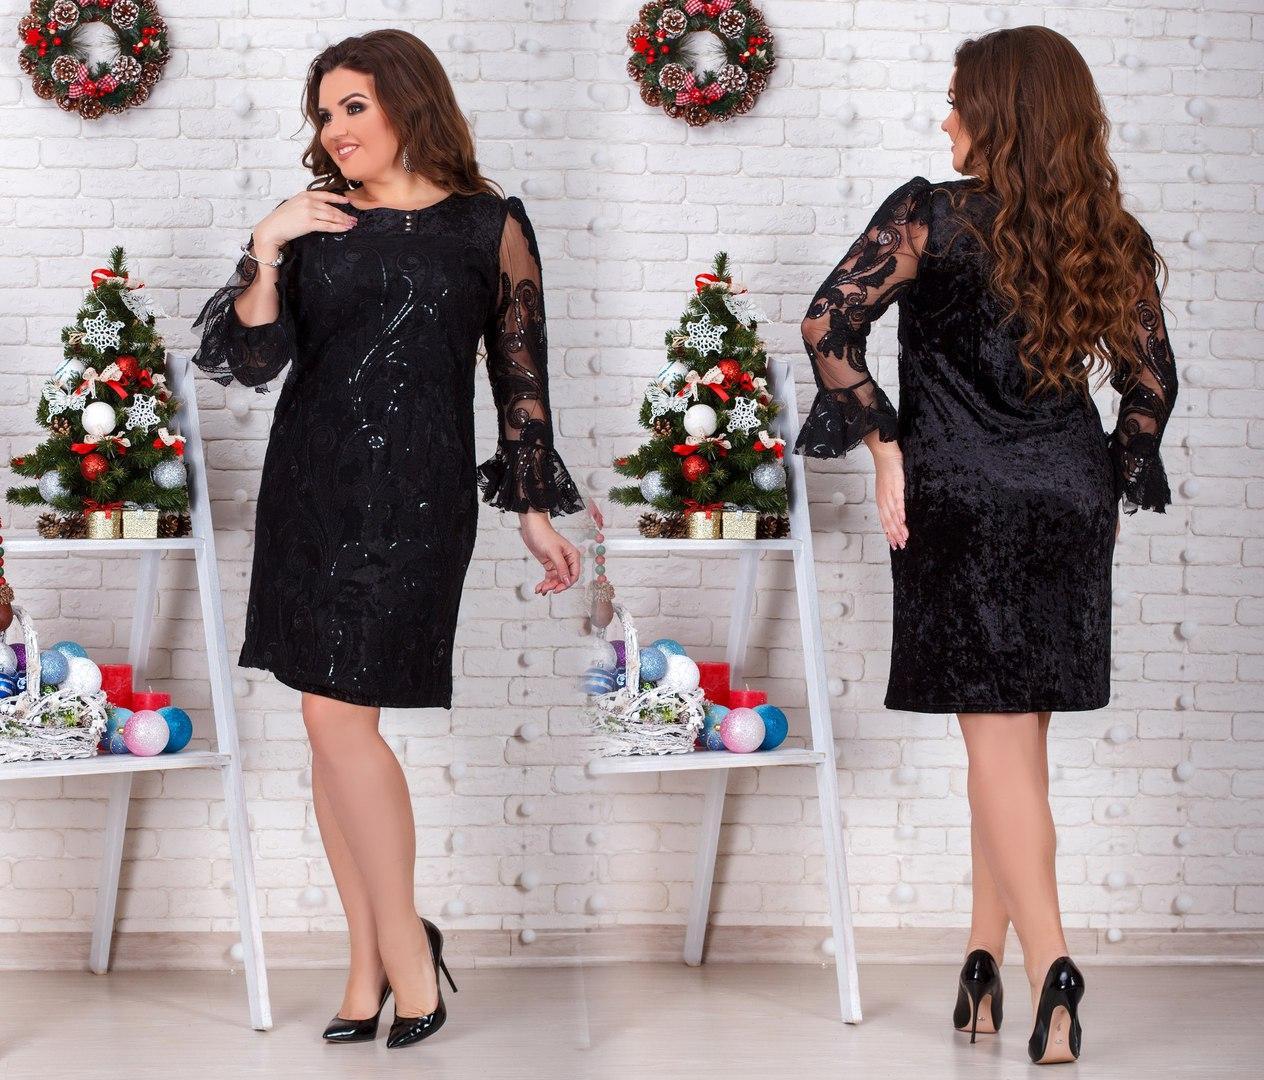 e8d0f25feff Нарядное бархатное платье с пайетками на сетке большого размера